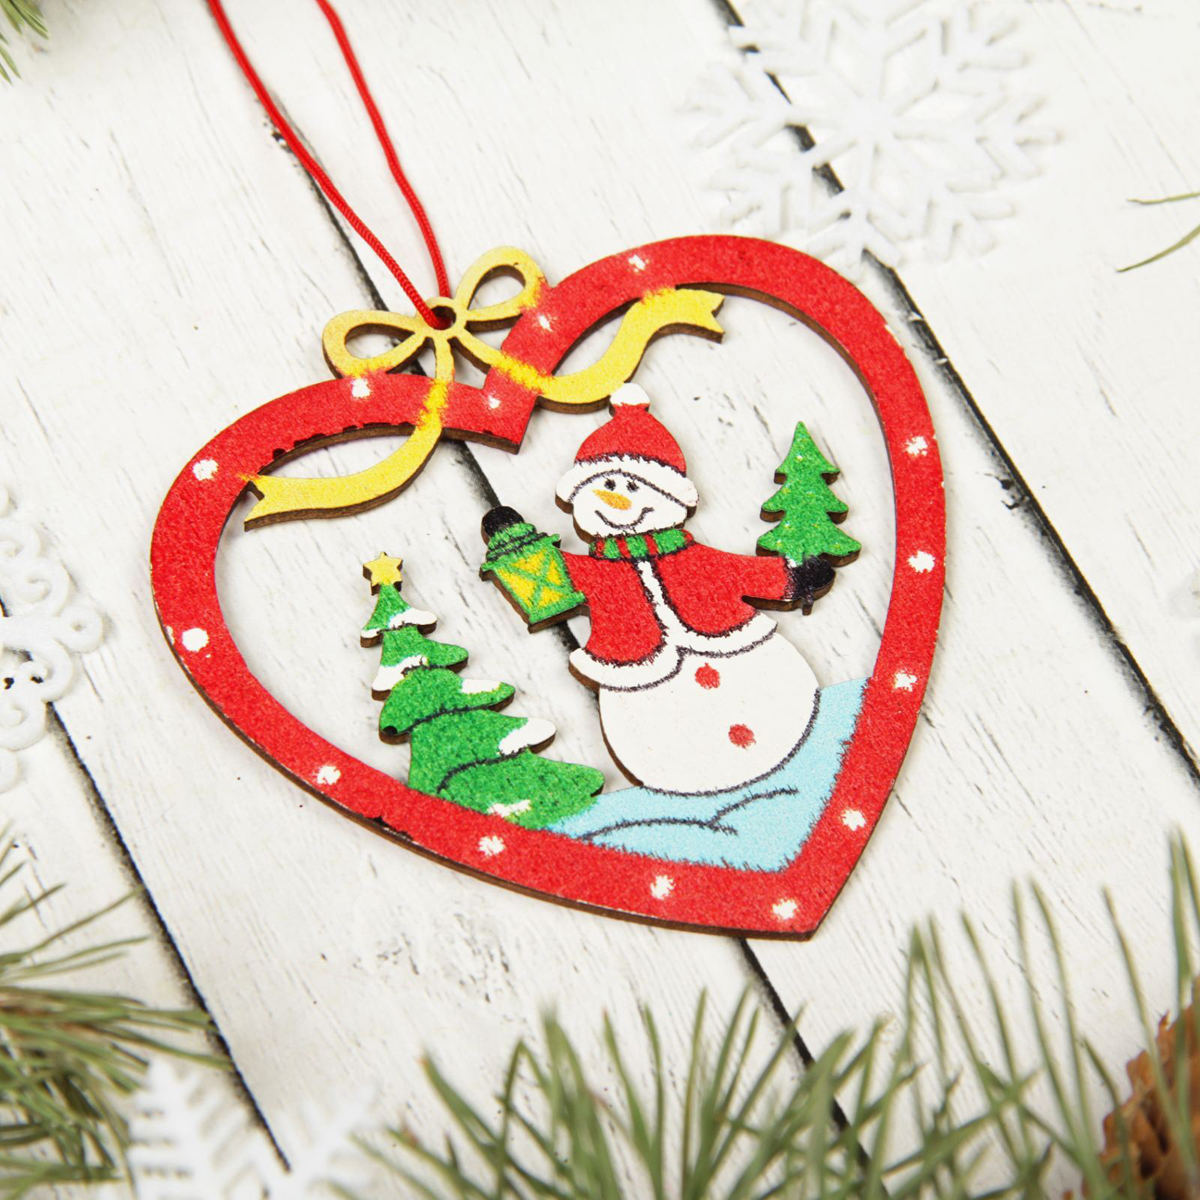 Украшение новогоднее подвесное Sima-land Снеговик в сердце, 7,5 см х 8 см2303279Новогодние украшения Sima-land изготовлены из пластика. Изделия имеют плотный корпус, поэтому не разобьются при падении.Невозможно представить нашу жизнь без праздников! Новогодние украшения несут в себе волшебство и красоту праздника. Создайте в своем доме атмосферу тепла, веселья и радости, украшая его всей семьей.